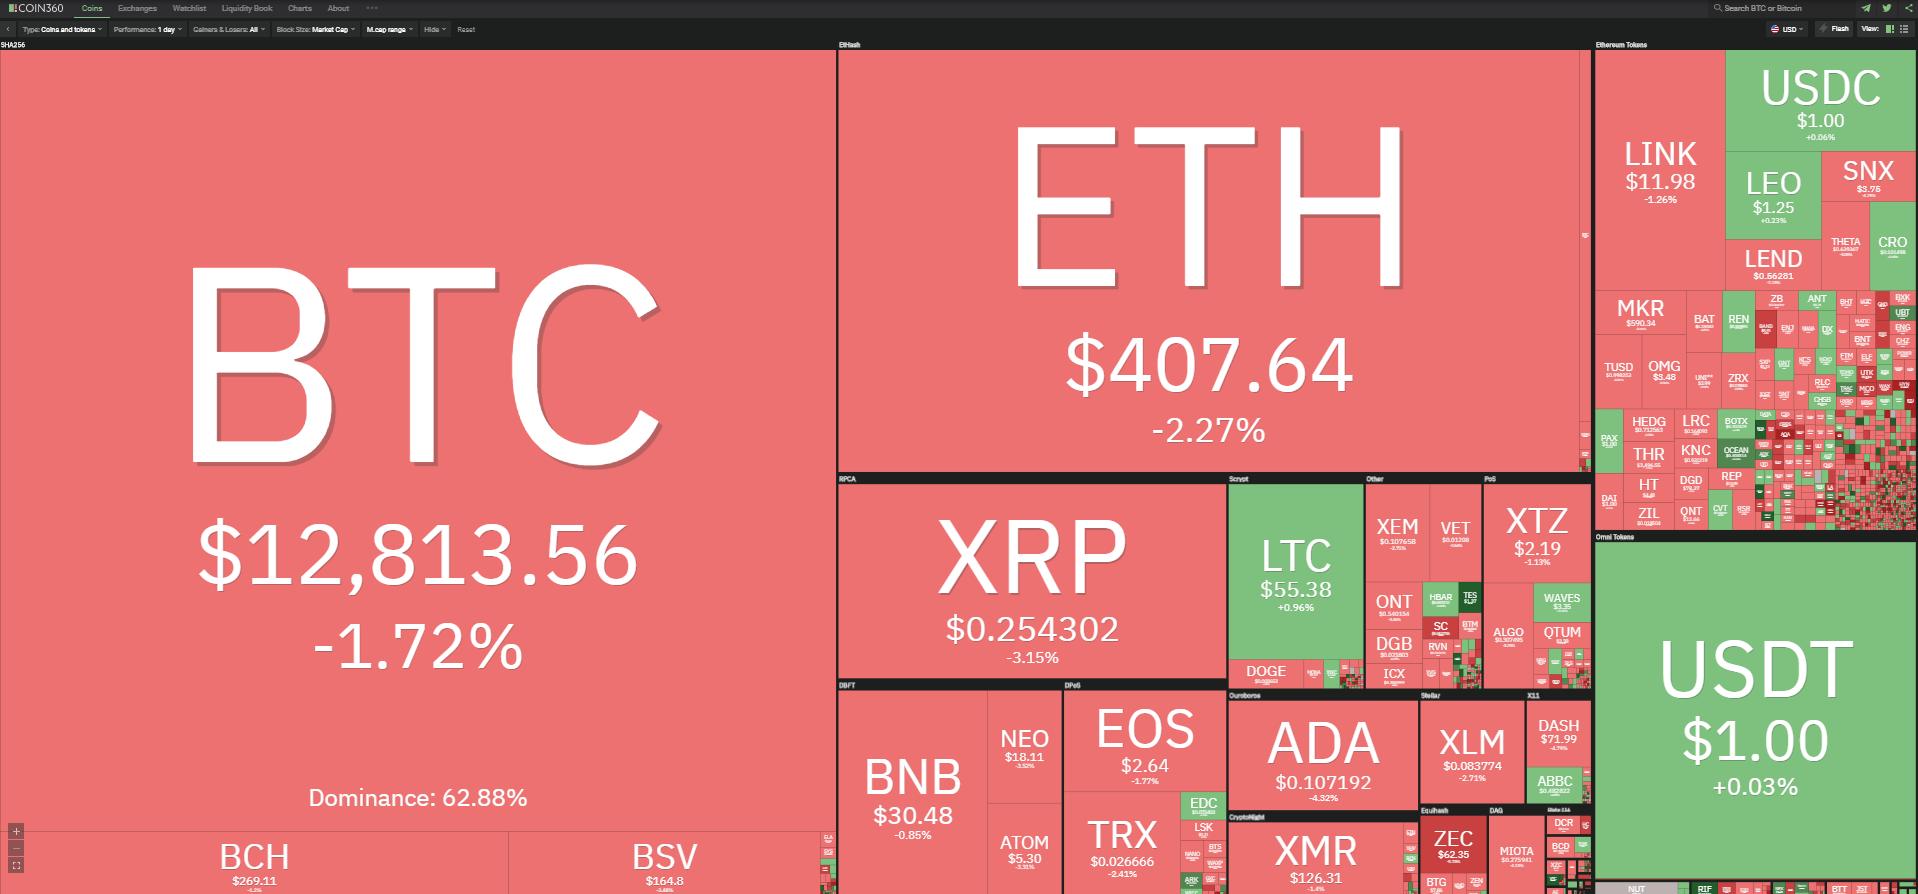 Toàn cảnh thị trường tiền kĩ thuật số ngày 24/10 (nguồn: Coin360.com).